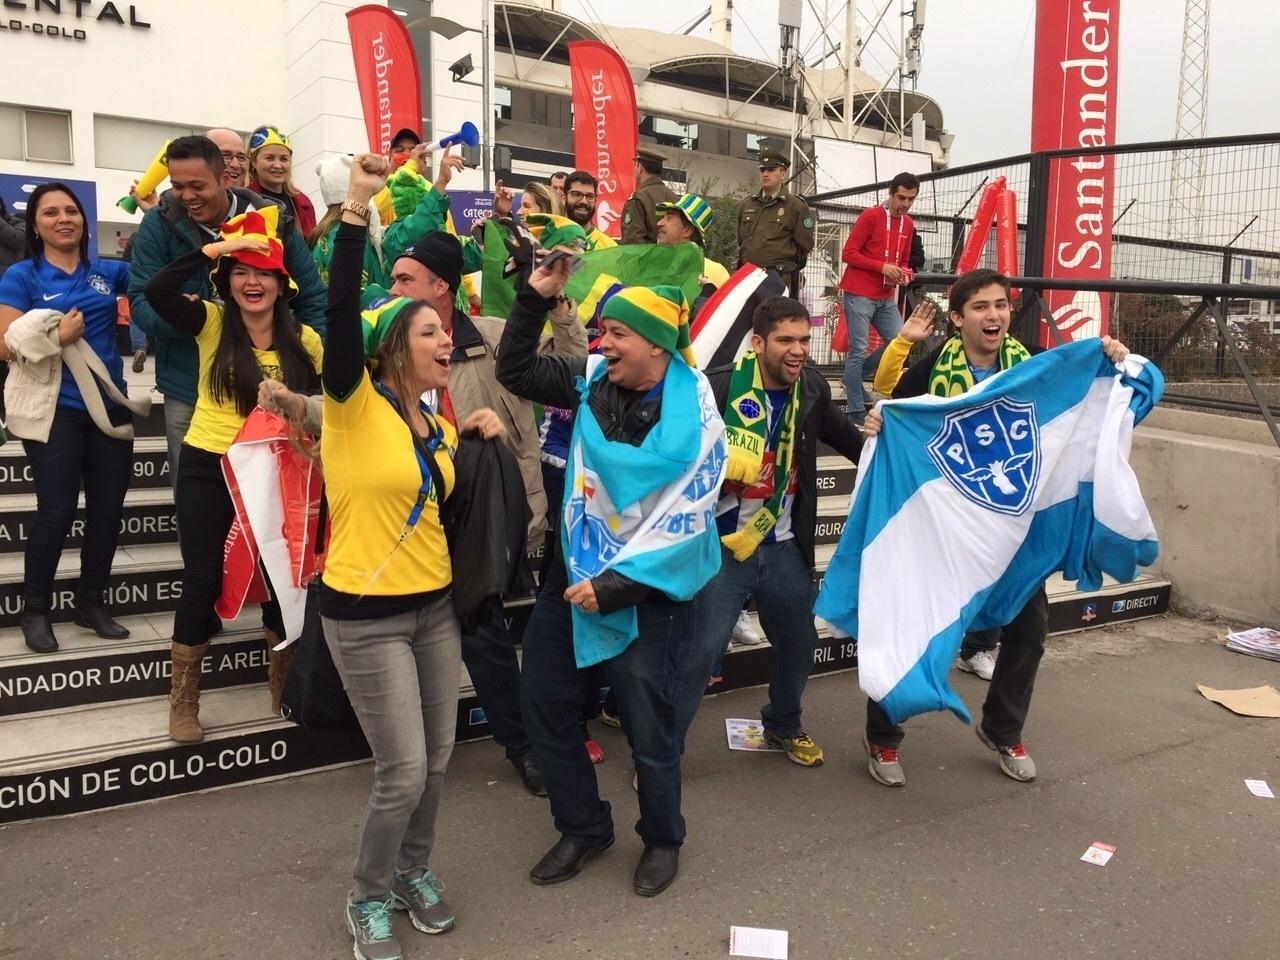 Torcida faz festa antes jogo do Brasil contra a Venezuela pela Copa América